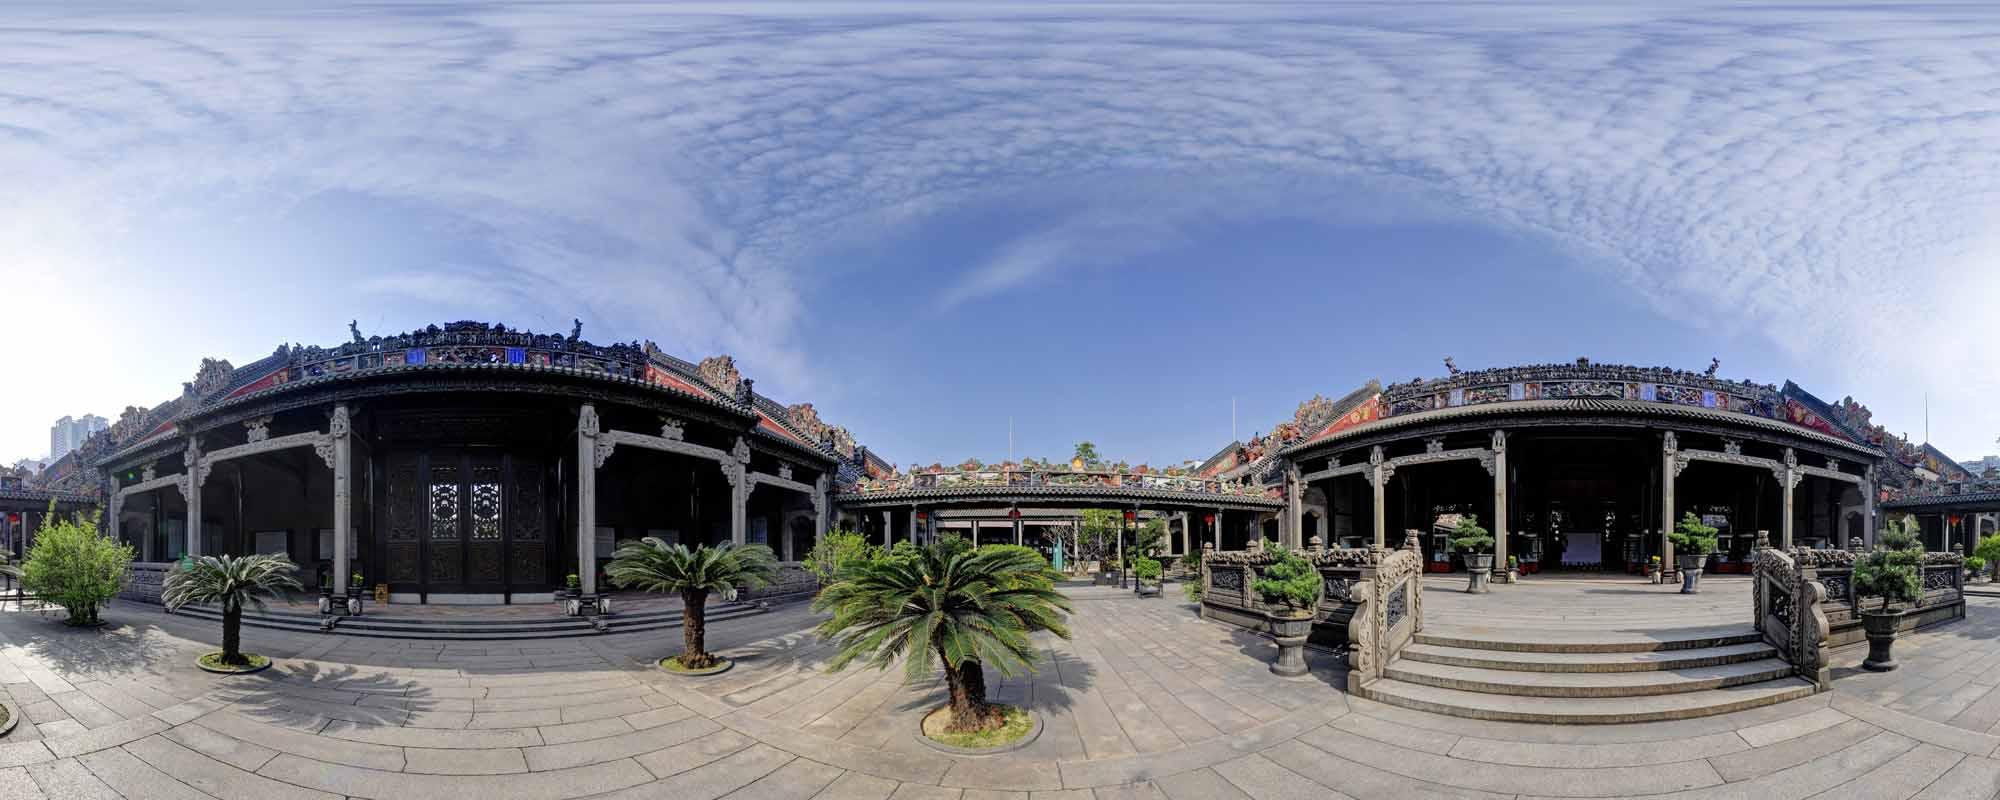 广州虚拟旅游